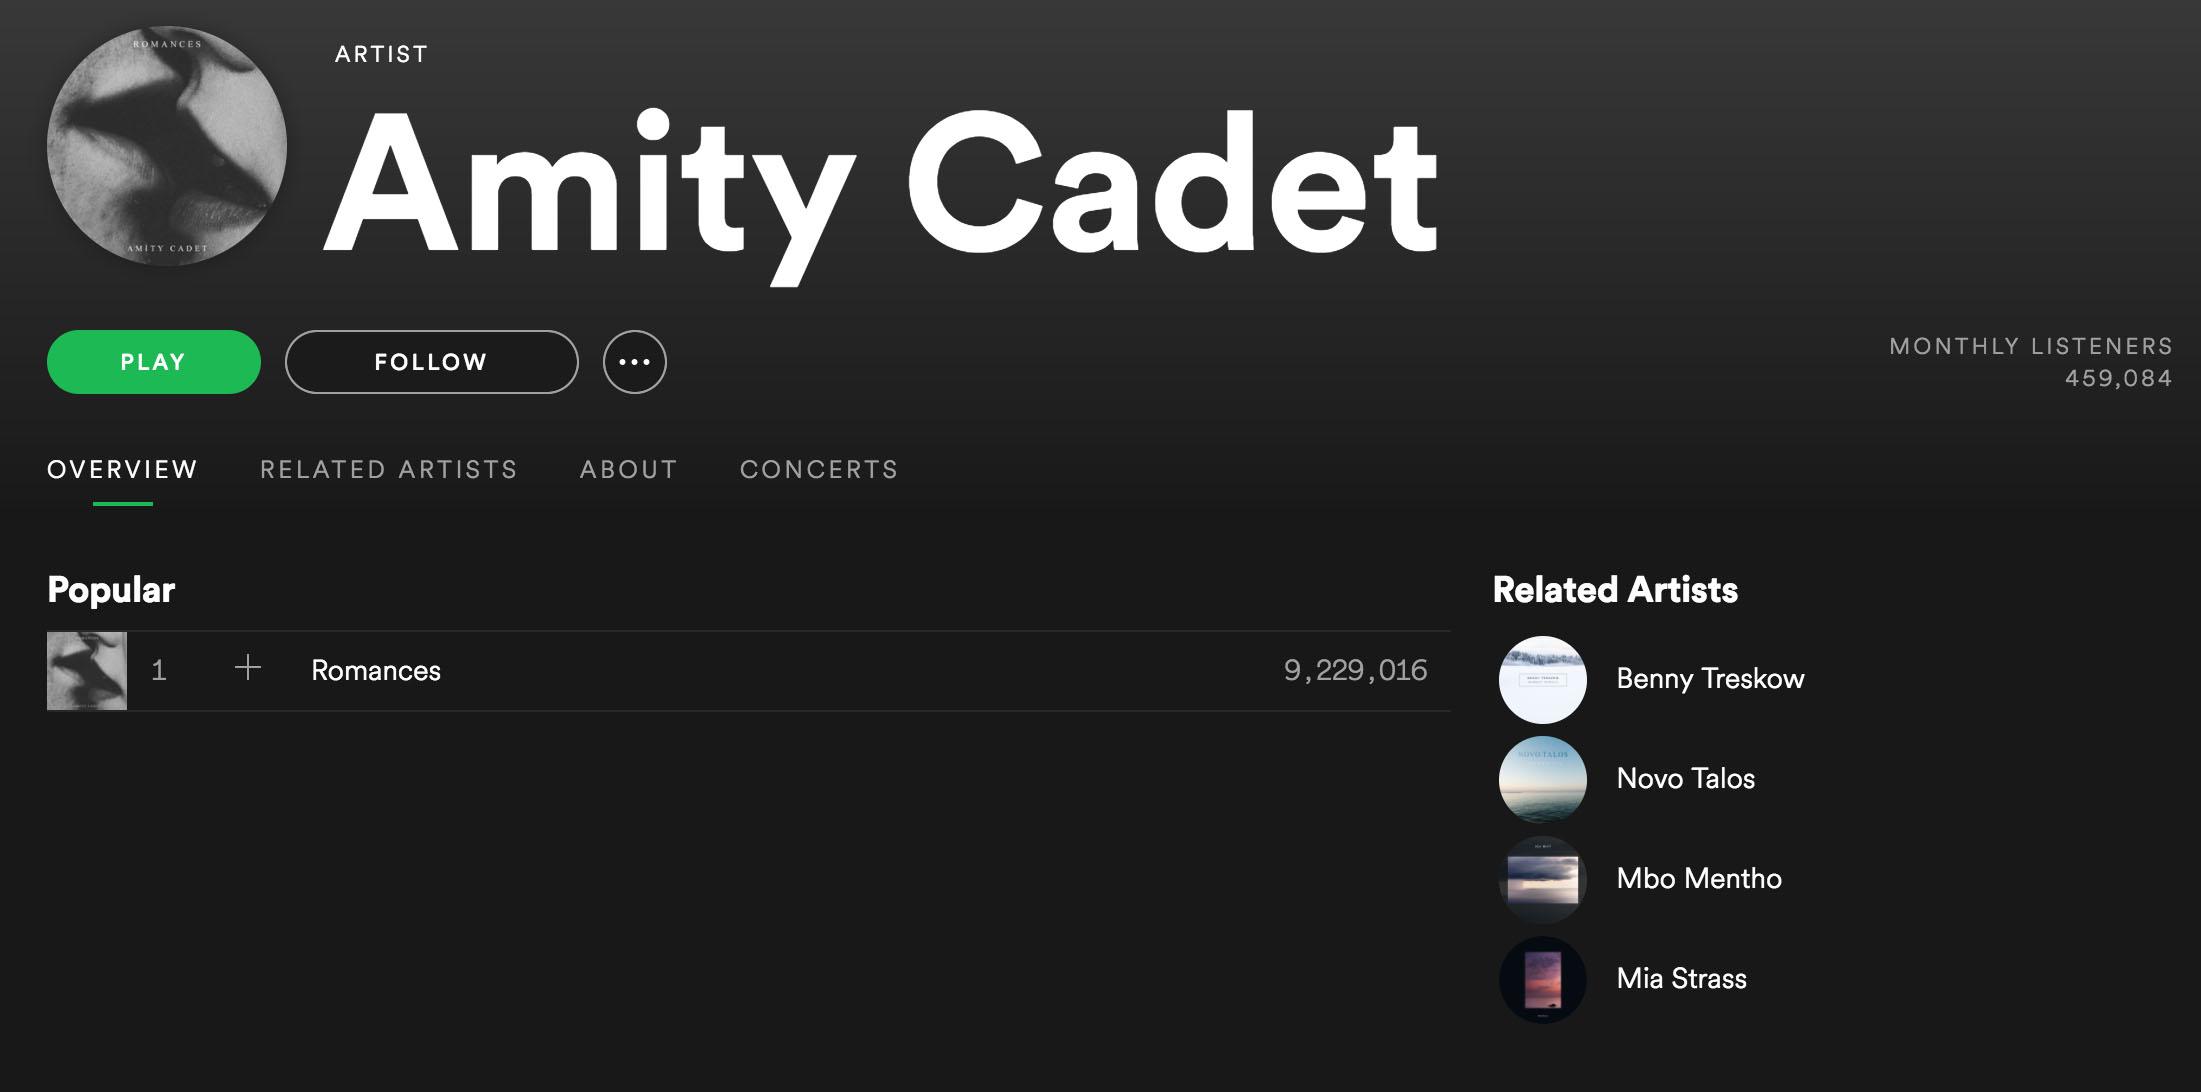 Amity Cadet er et eksempel på en artist som har over ni millioner avspillinger på Spotify, mens som nesten ikke finnes andre steder.